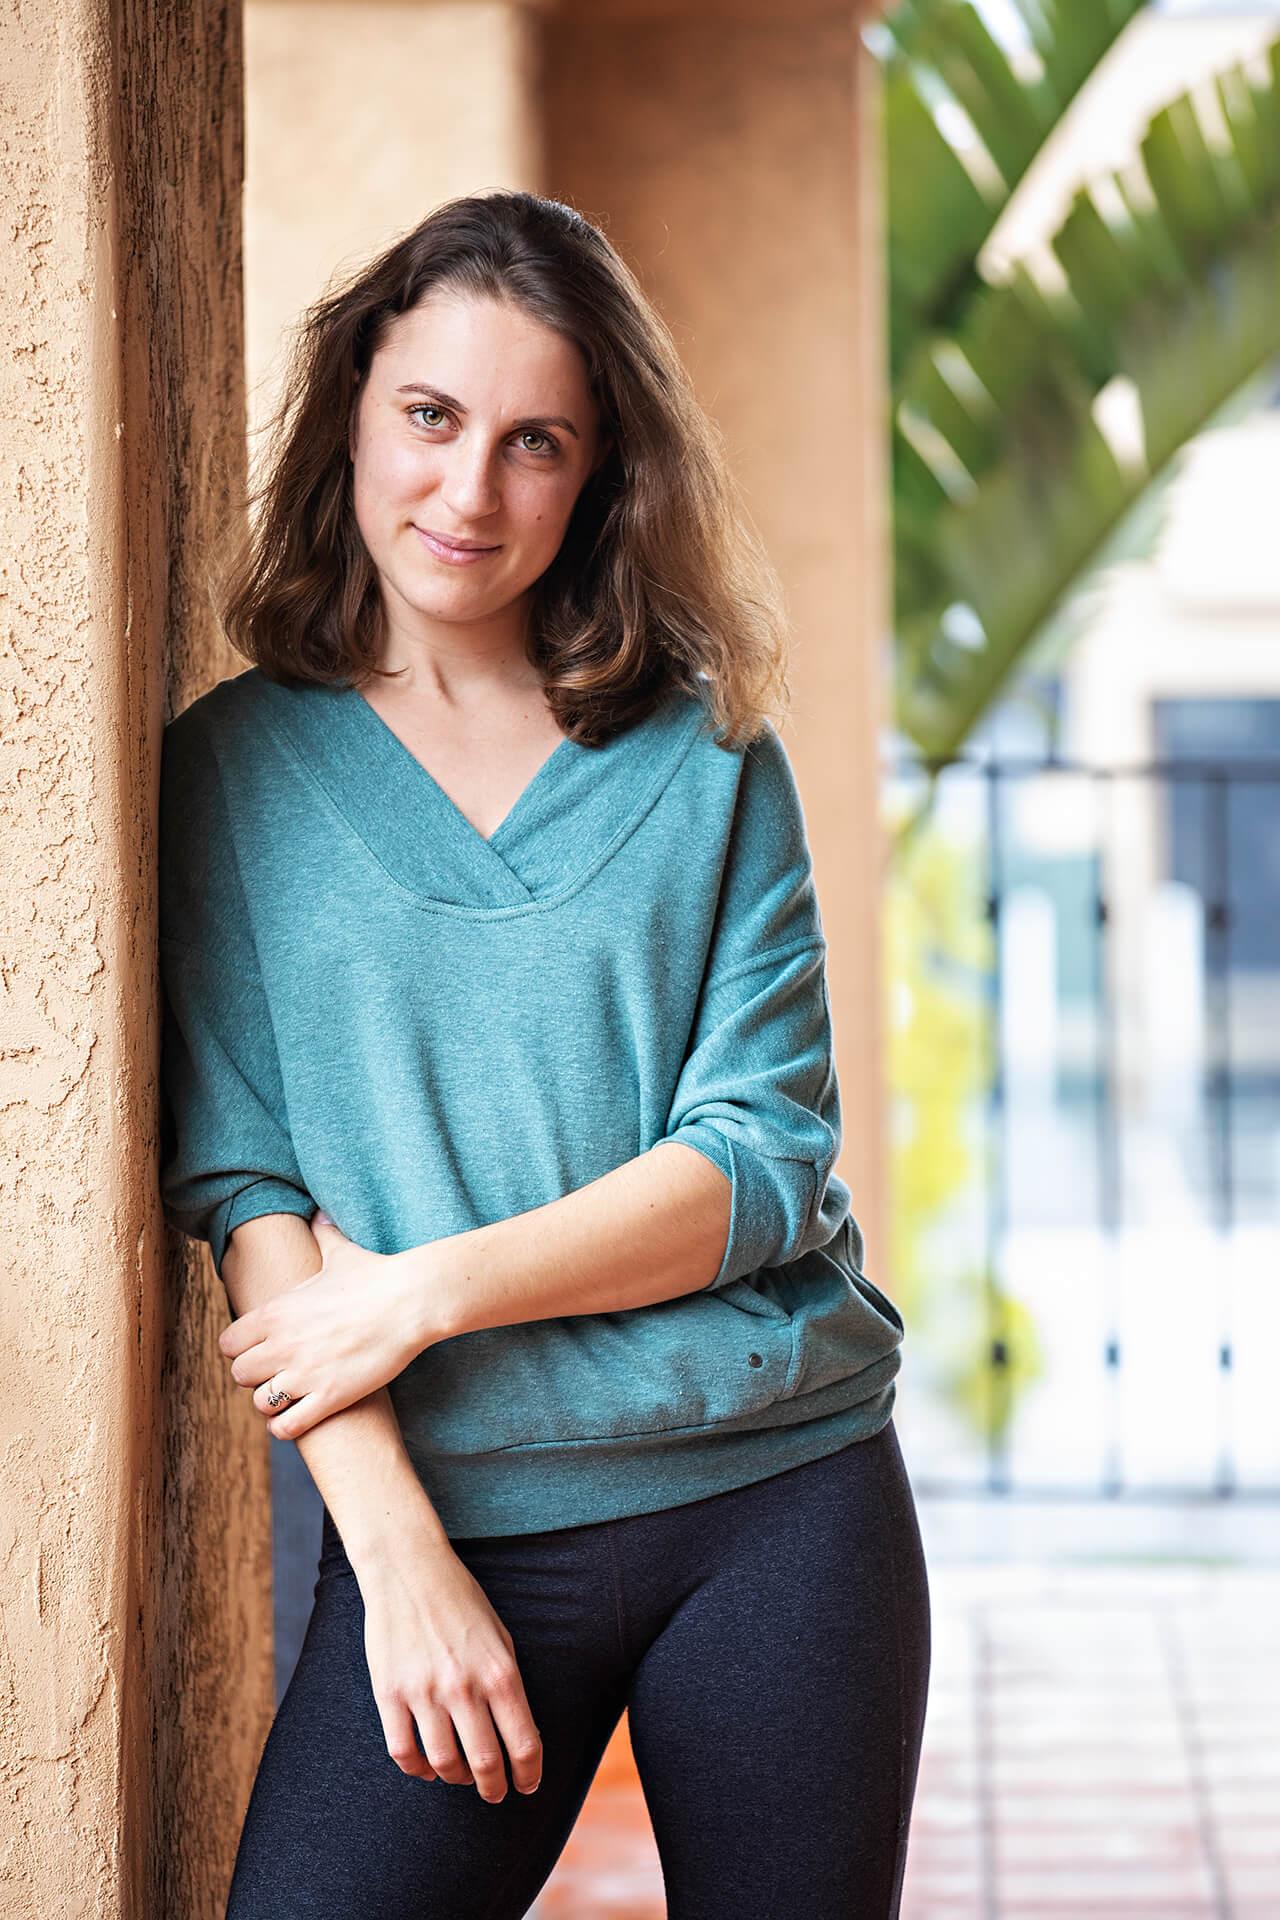 Laura Webber